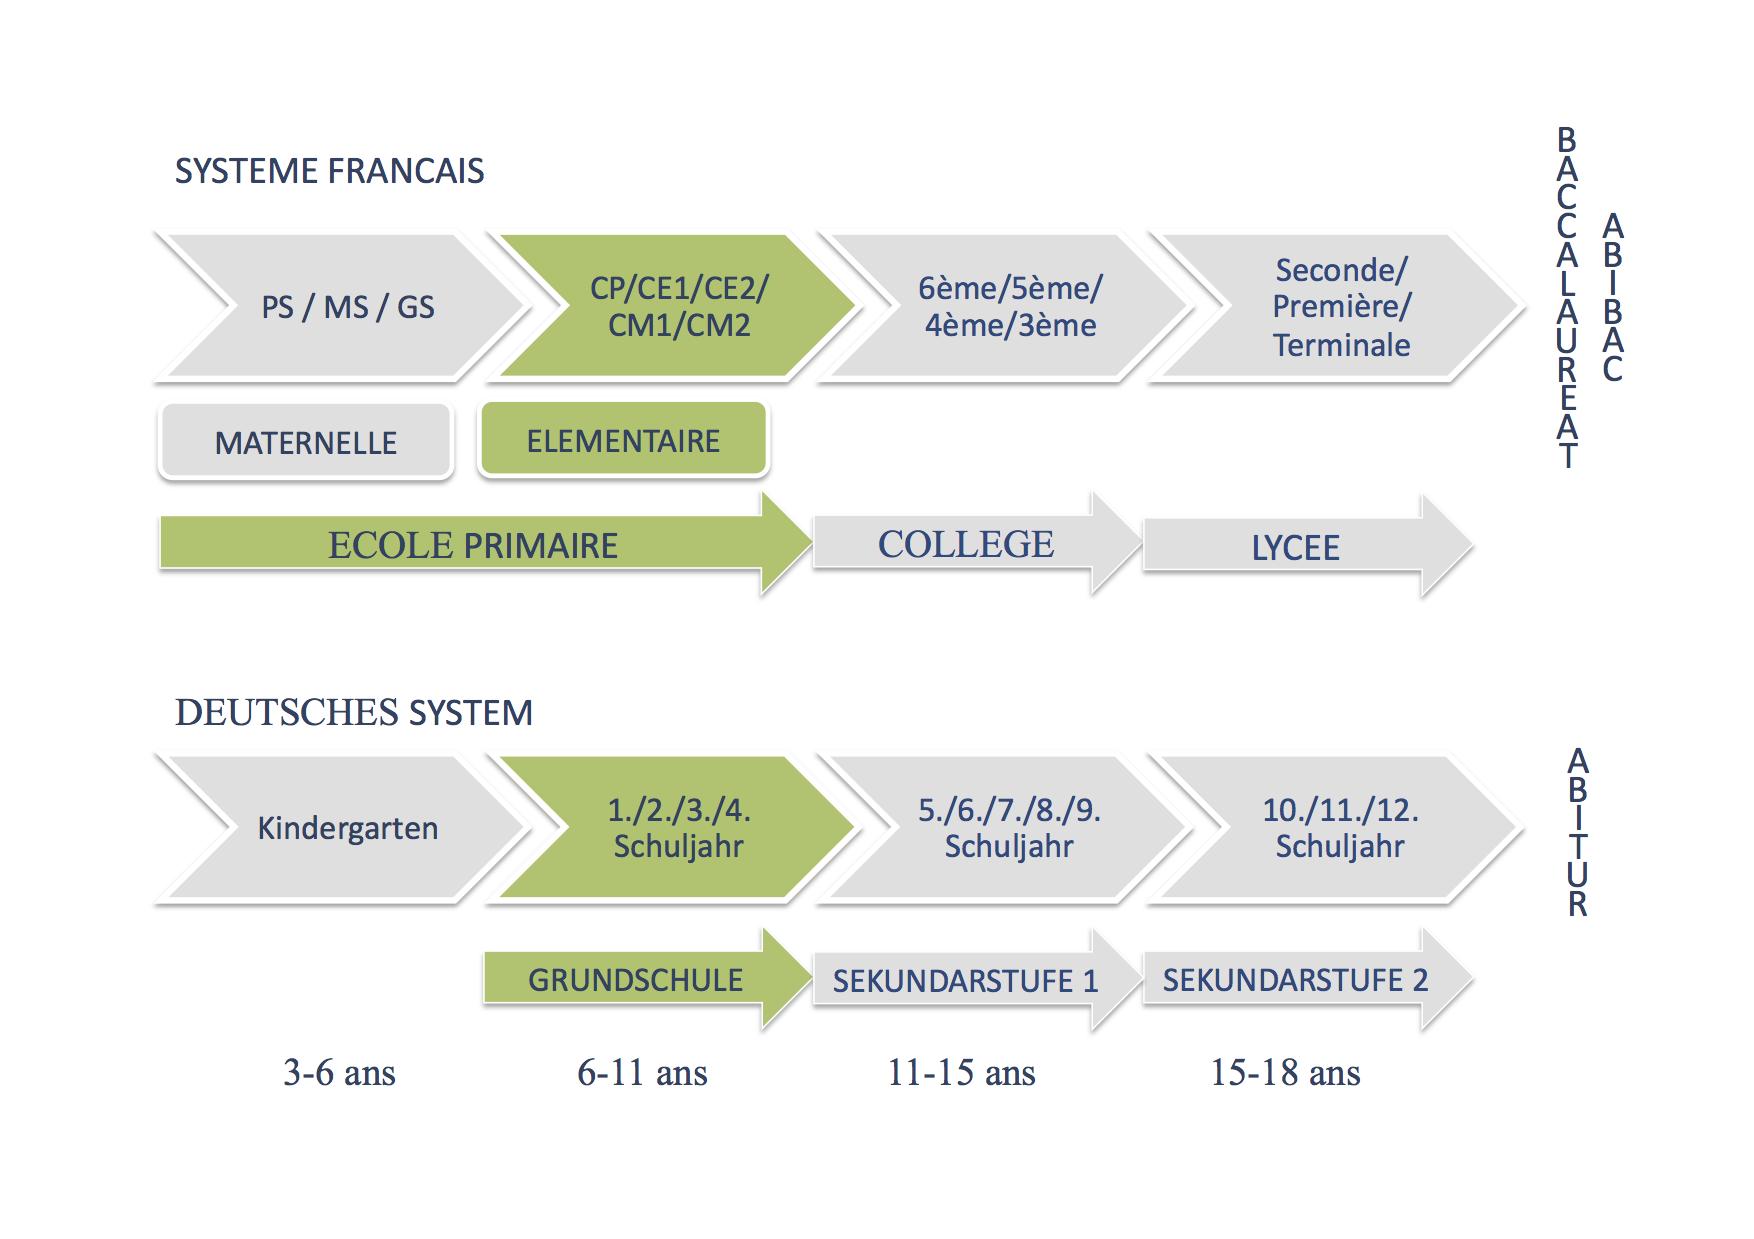 Système scolaire français / deutsches System